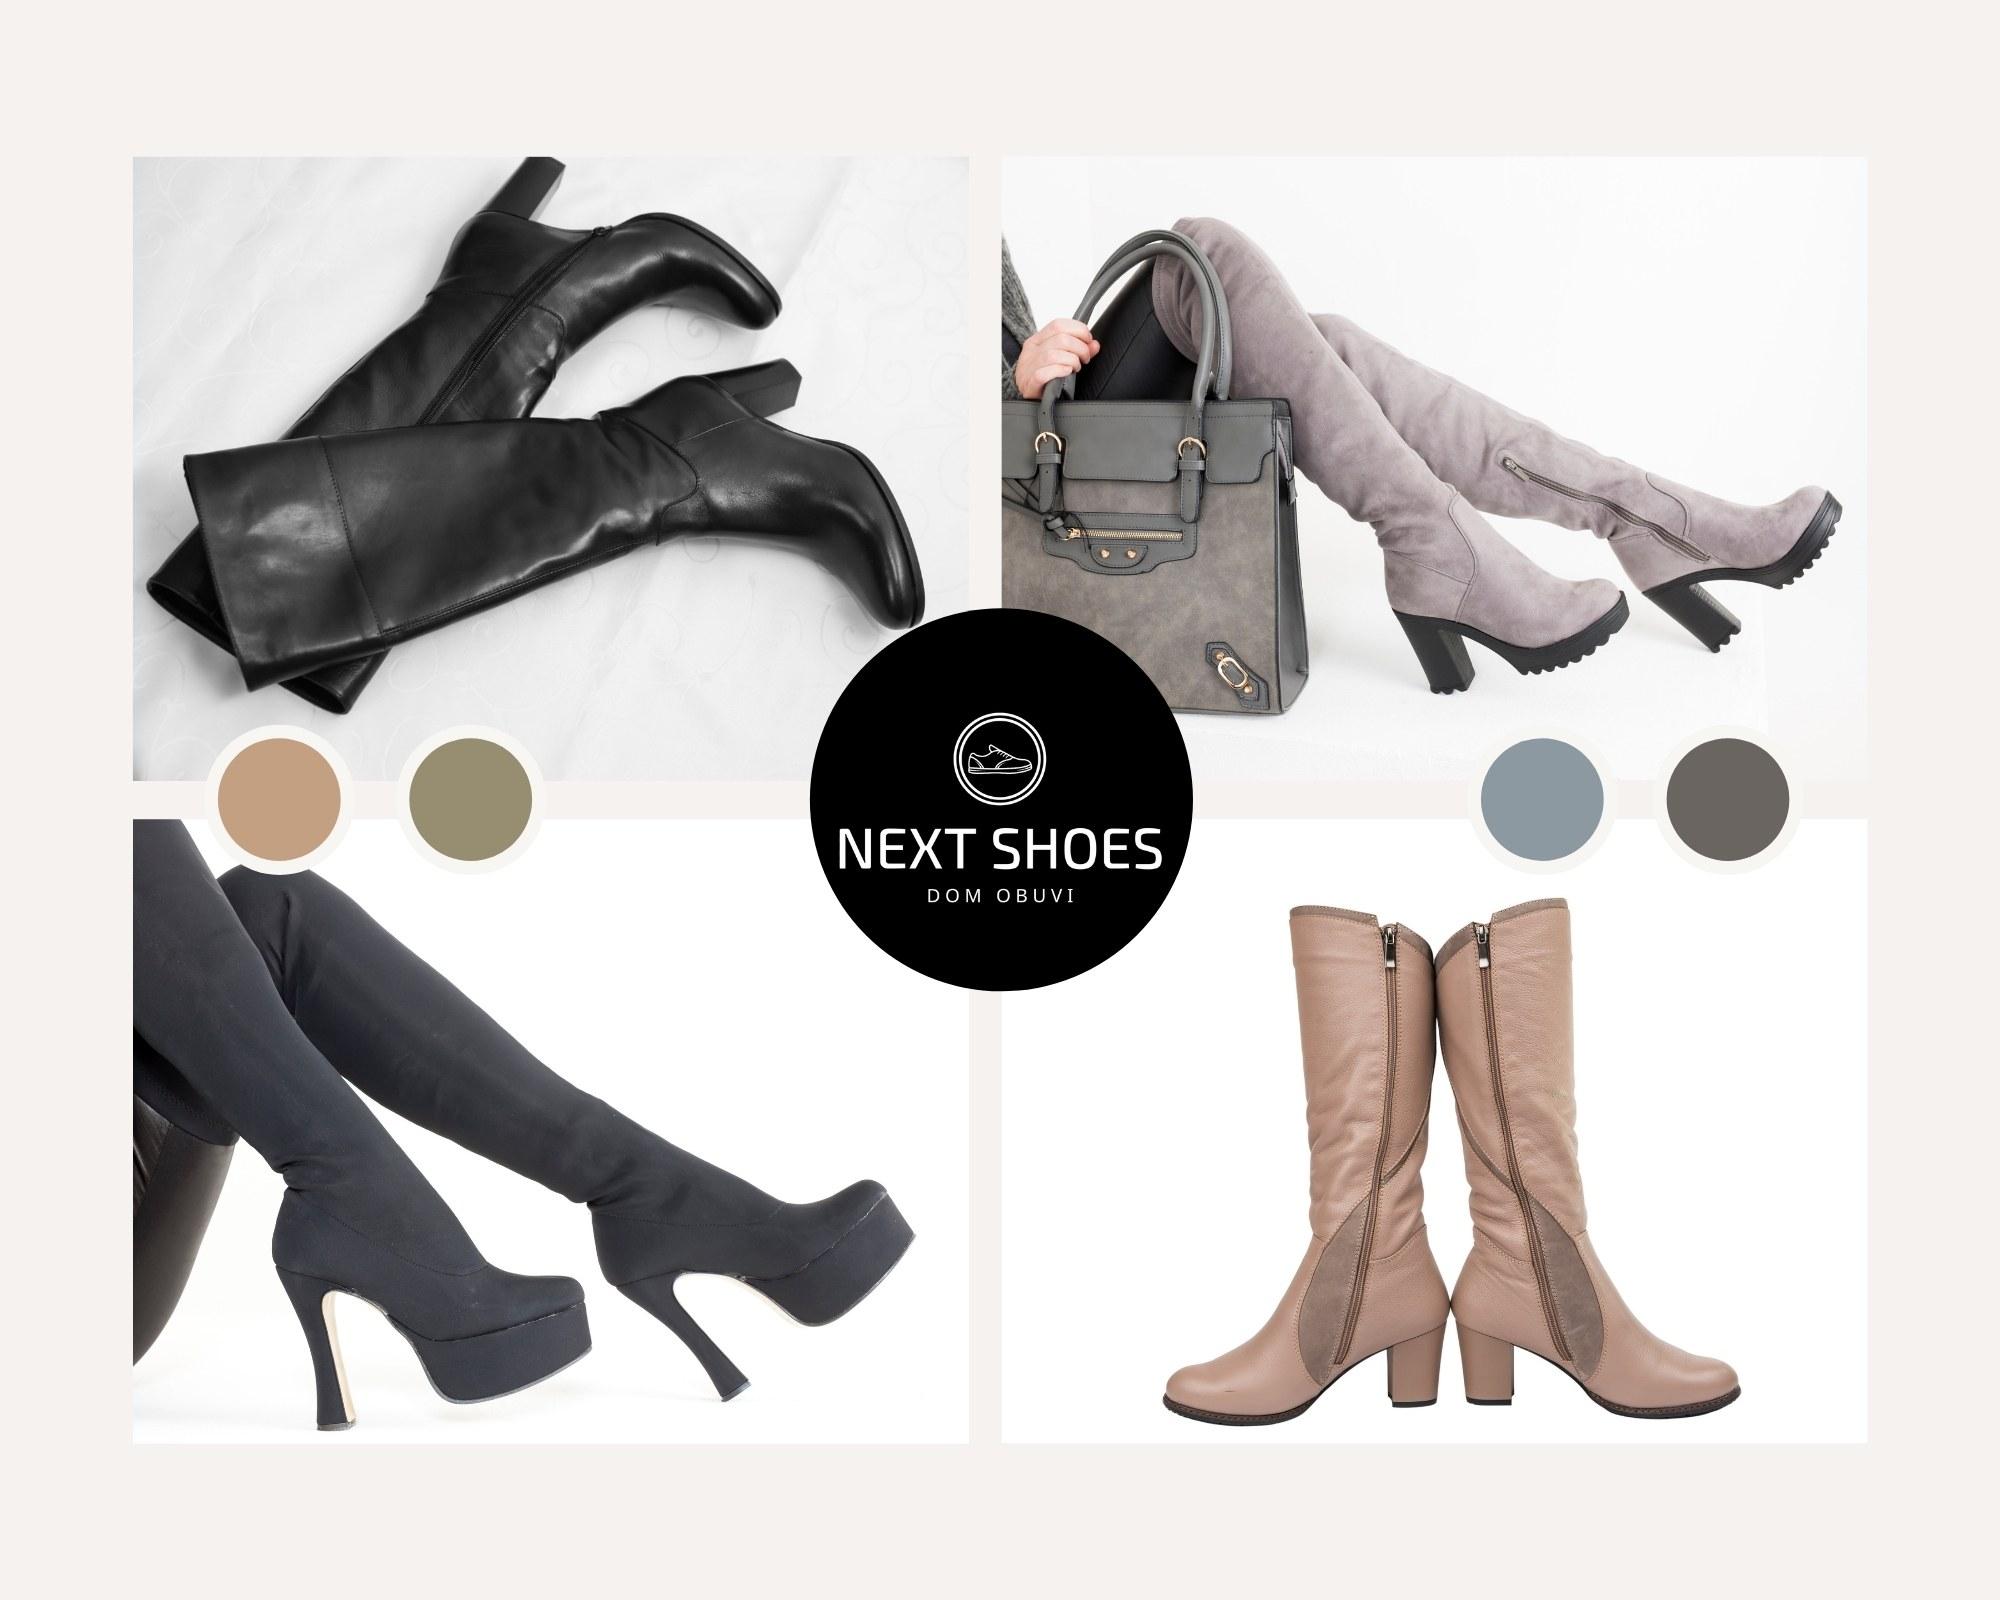 Женские сапоги: как правильно выбрать, с чем носить? полезные рекомендации